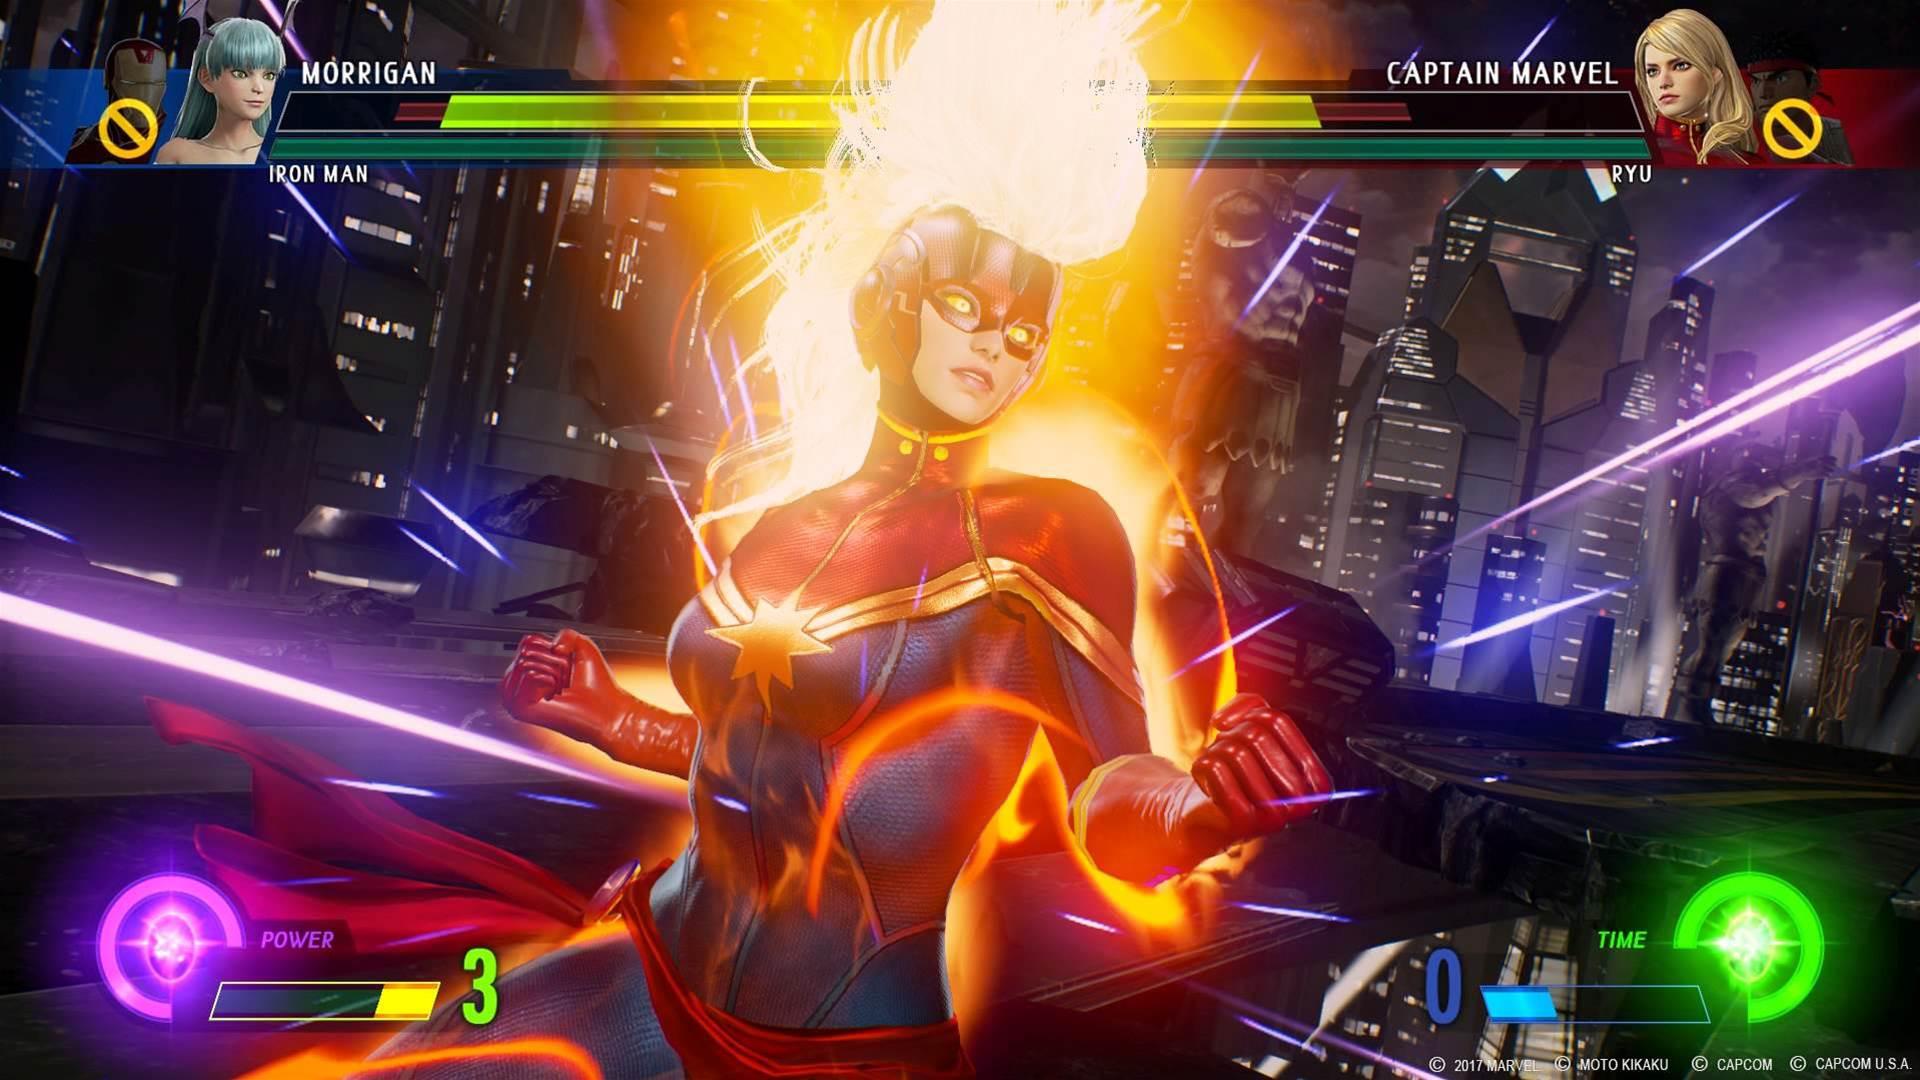 Brawling screens for Marvel vs. Capcom: Infinite